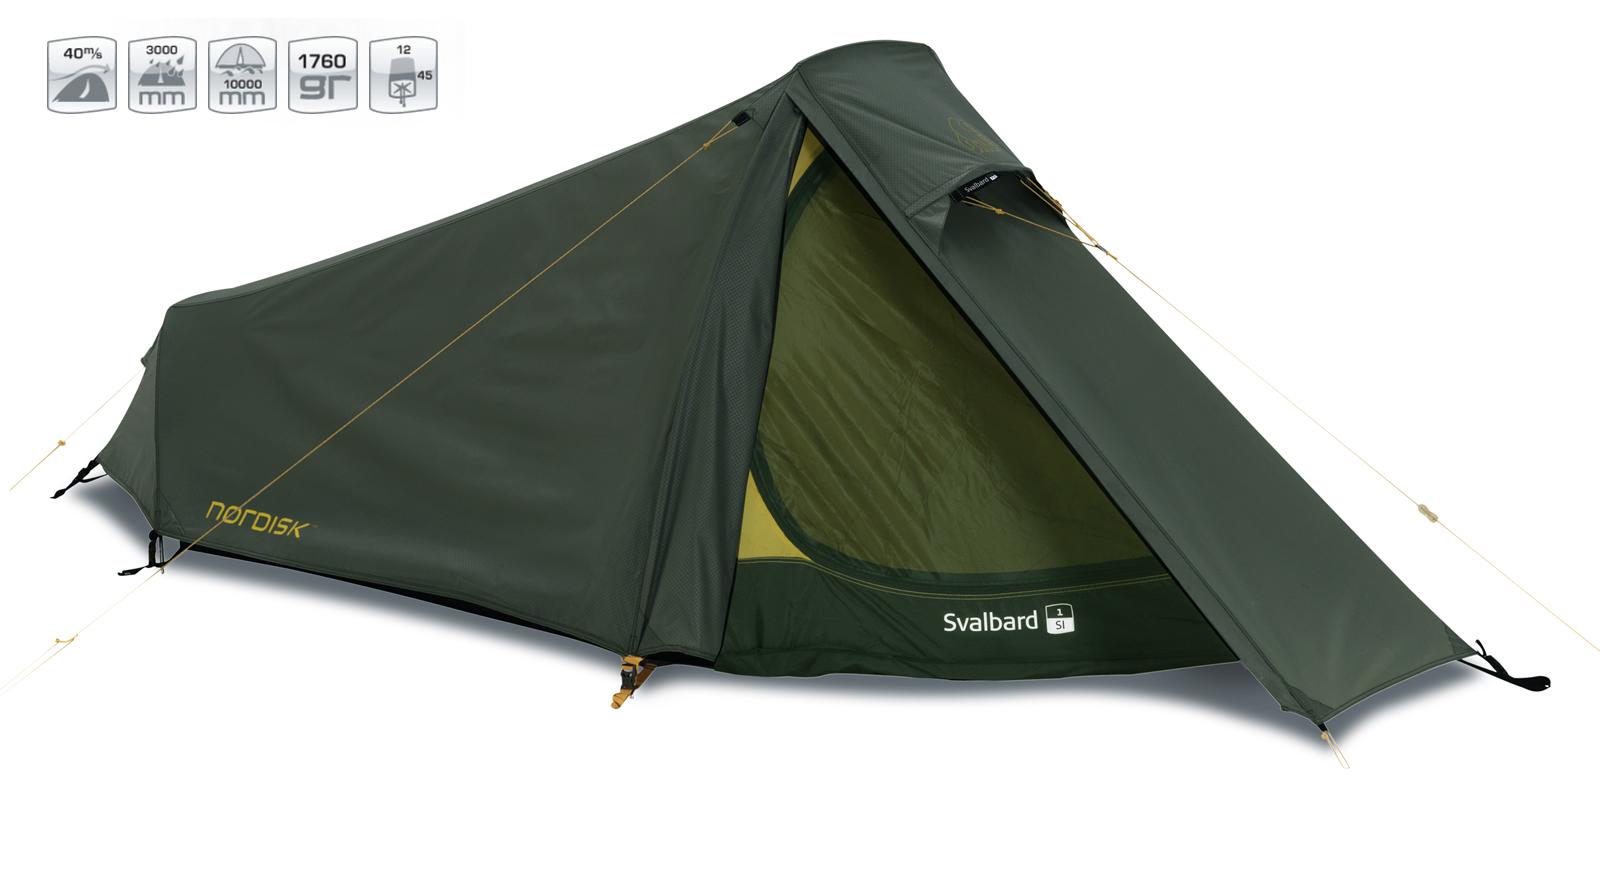 【国内正規品】NORDISK テント Svalbard 1 SI (スゥワルバード 1 SI) フォレスト・グリーン[112027]【送料無料/代引き無料】(ノルディスク テント 1人用 一人用 キャンプ用品 キャンプテント アウトドア特集 簡単【SUMMER_D18】